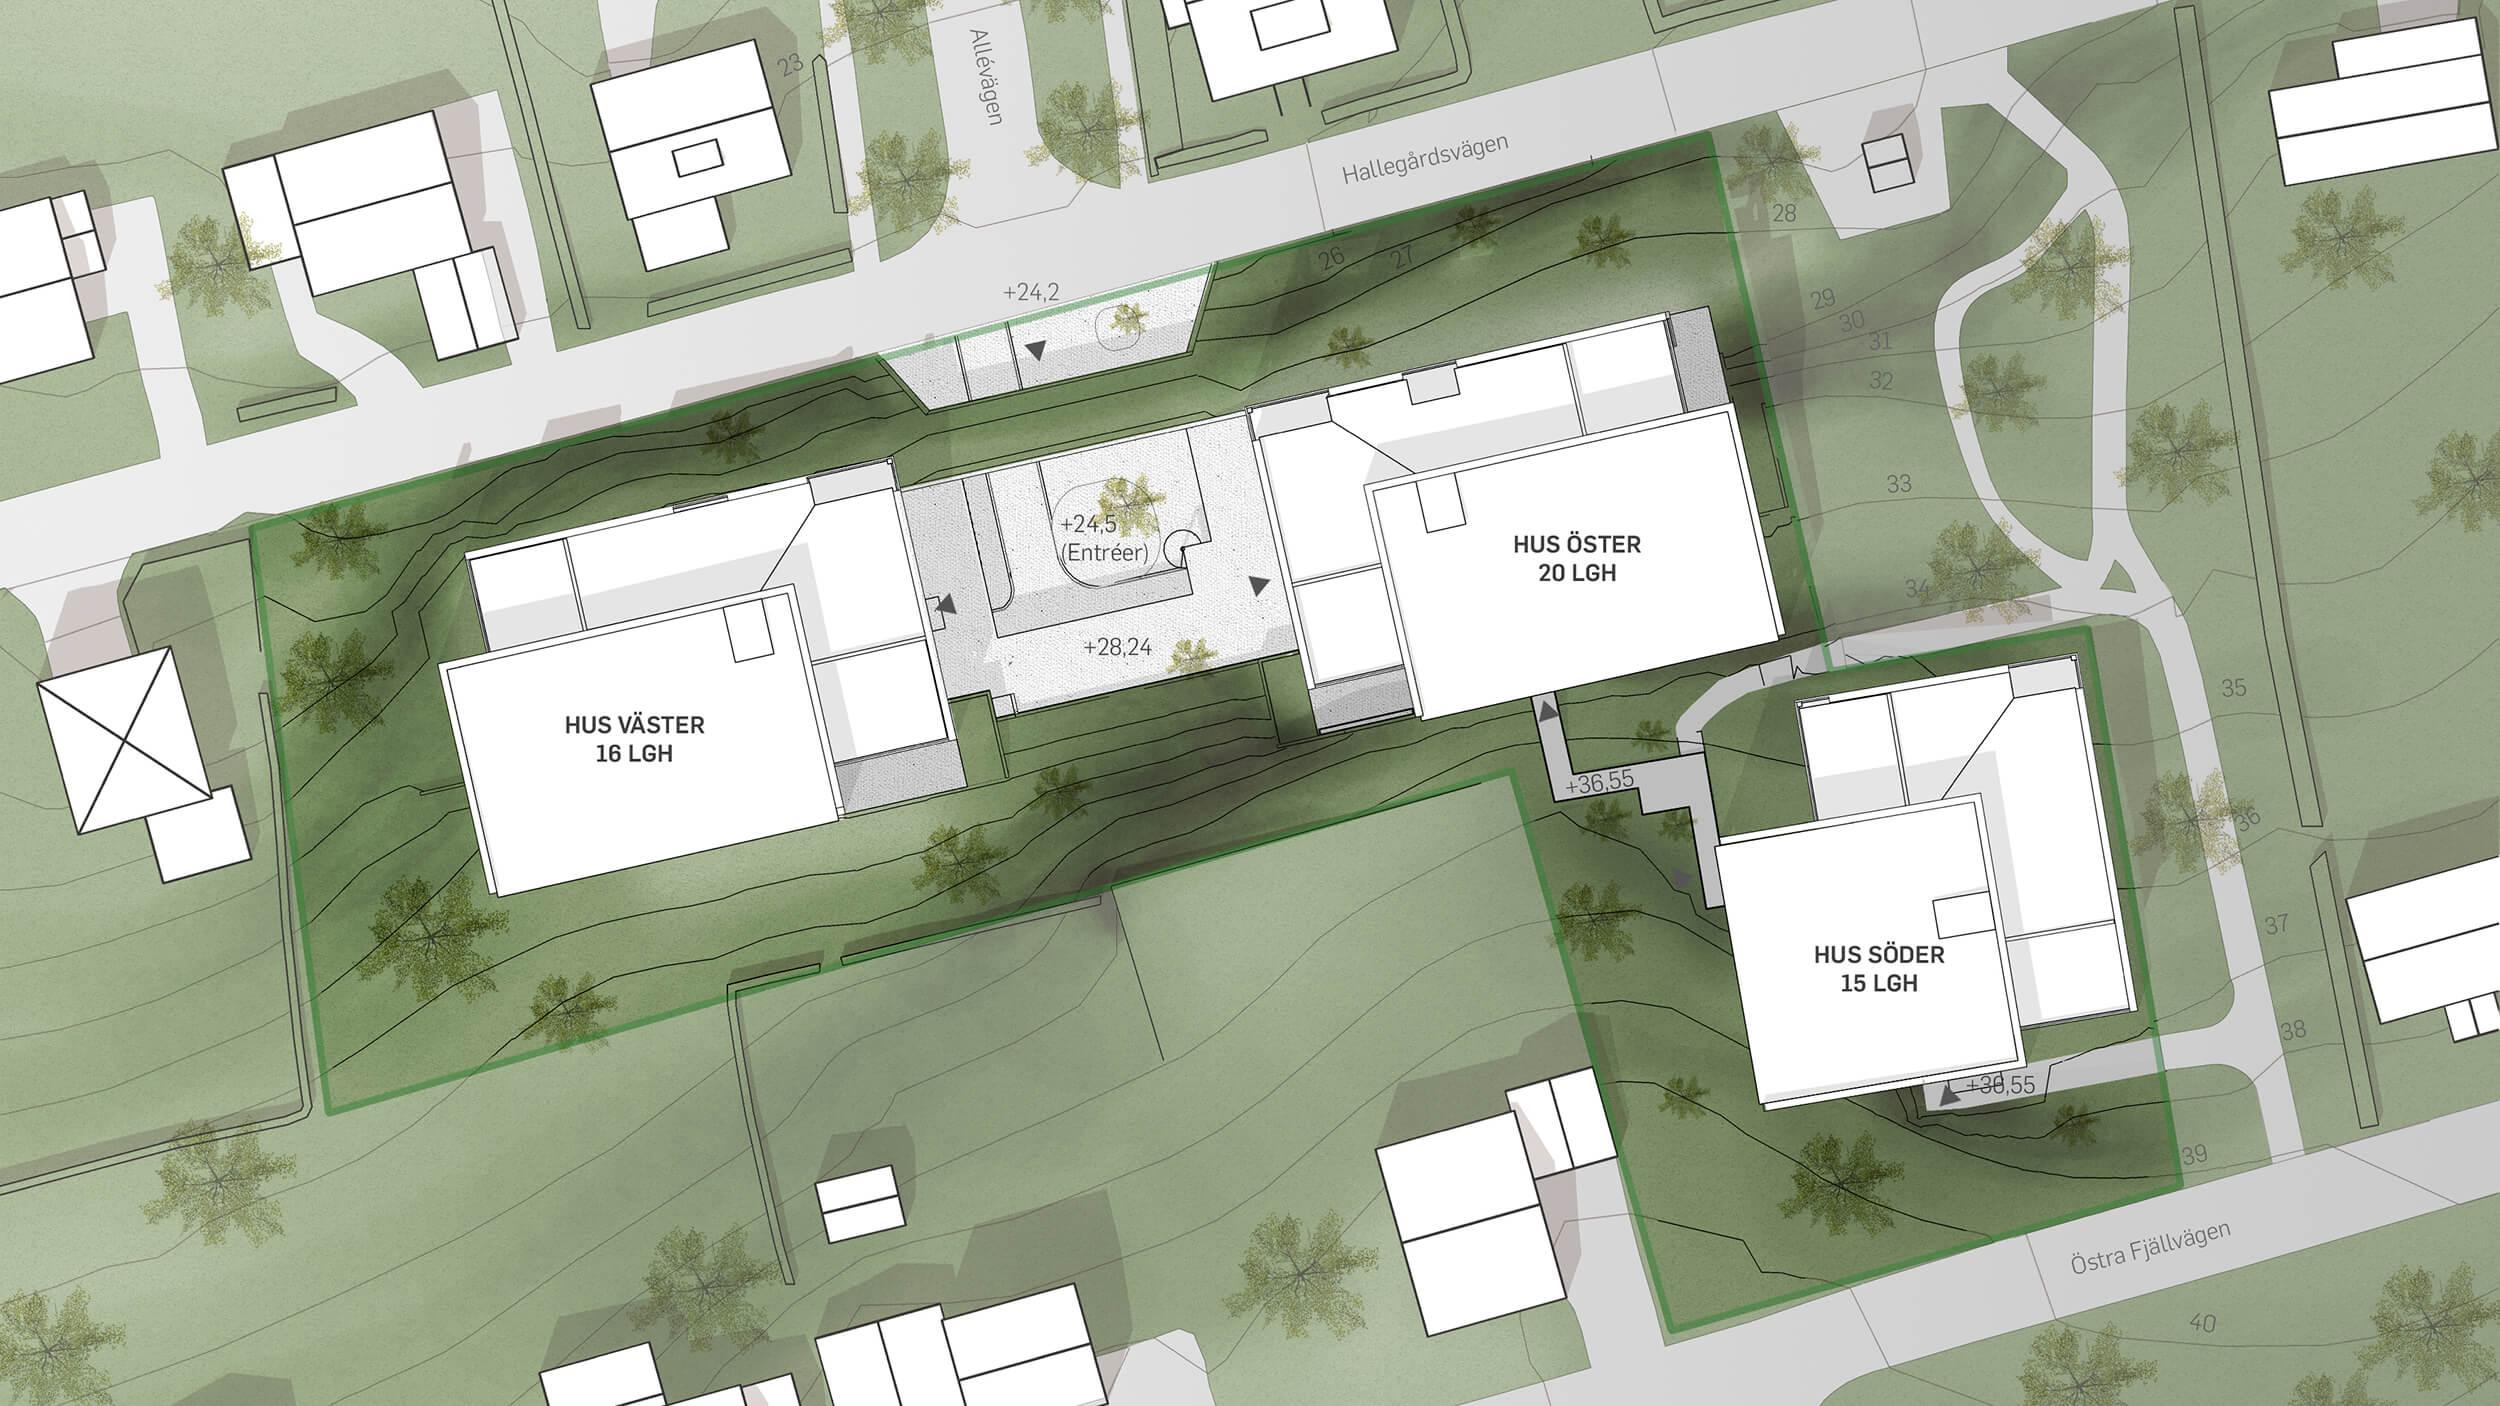 Bockemosse.   Projektet ligger inbäddat i grönska och villabebyggelse.